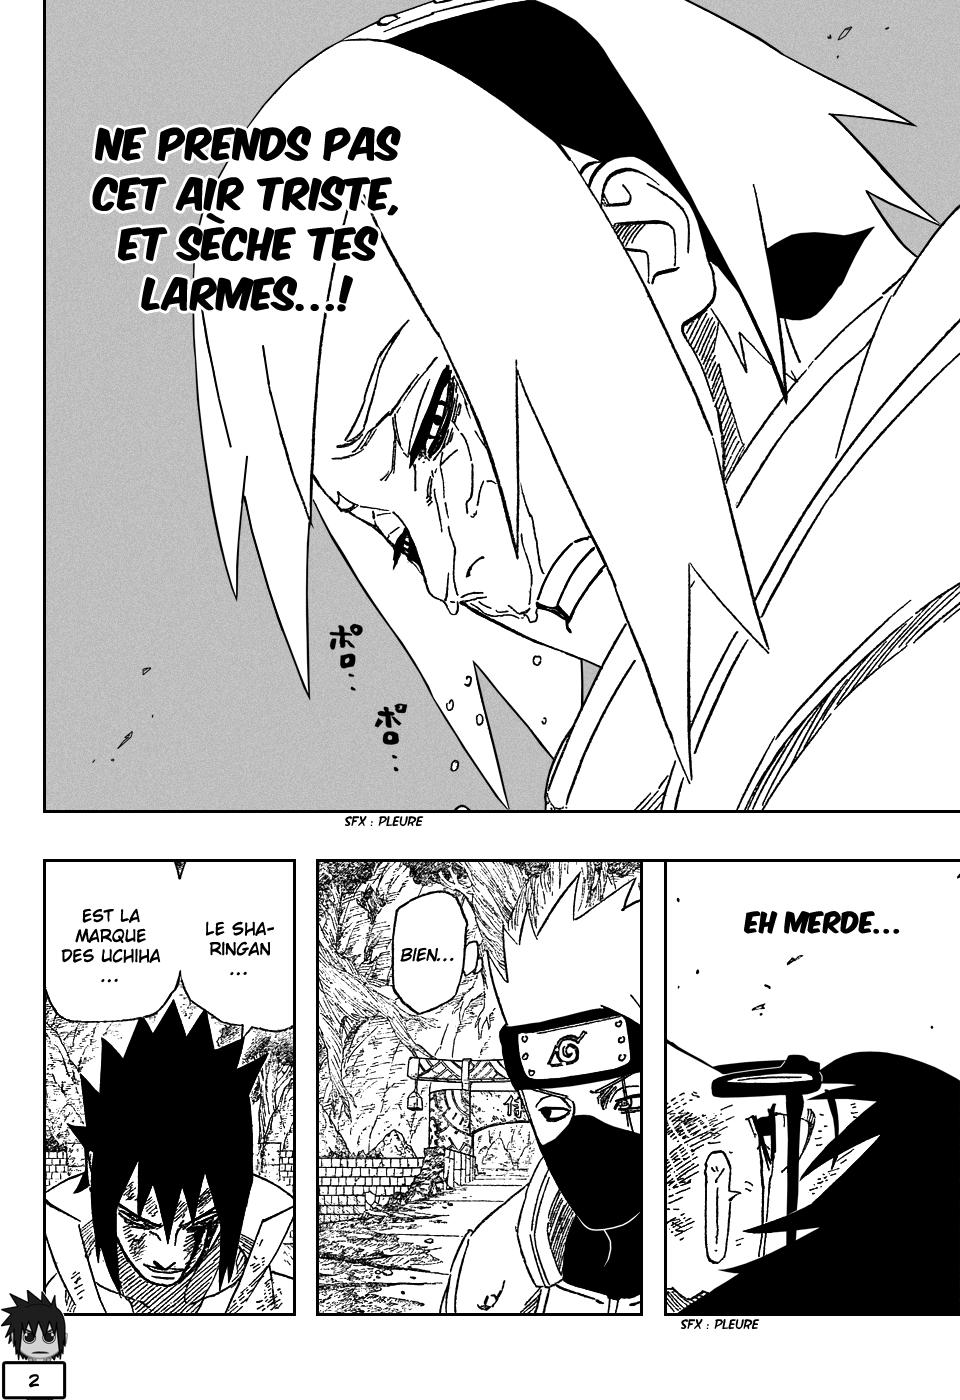 Naruto chapitre 484 - Page 2